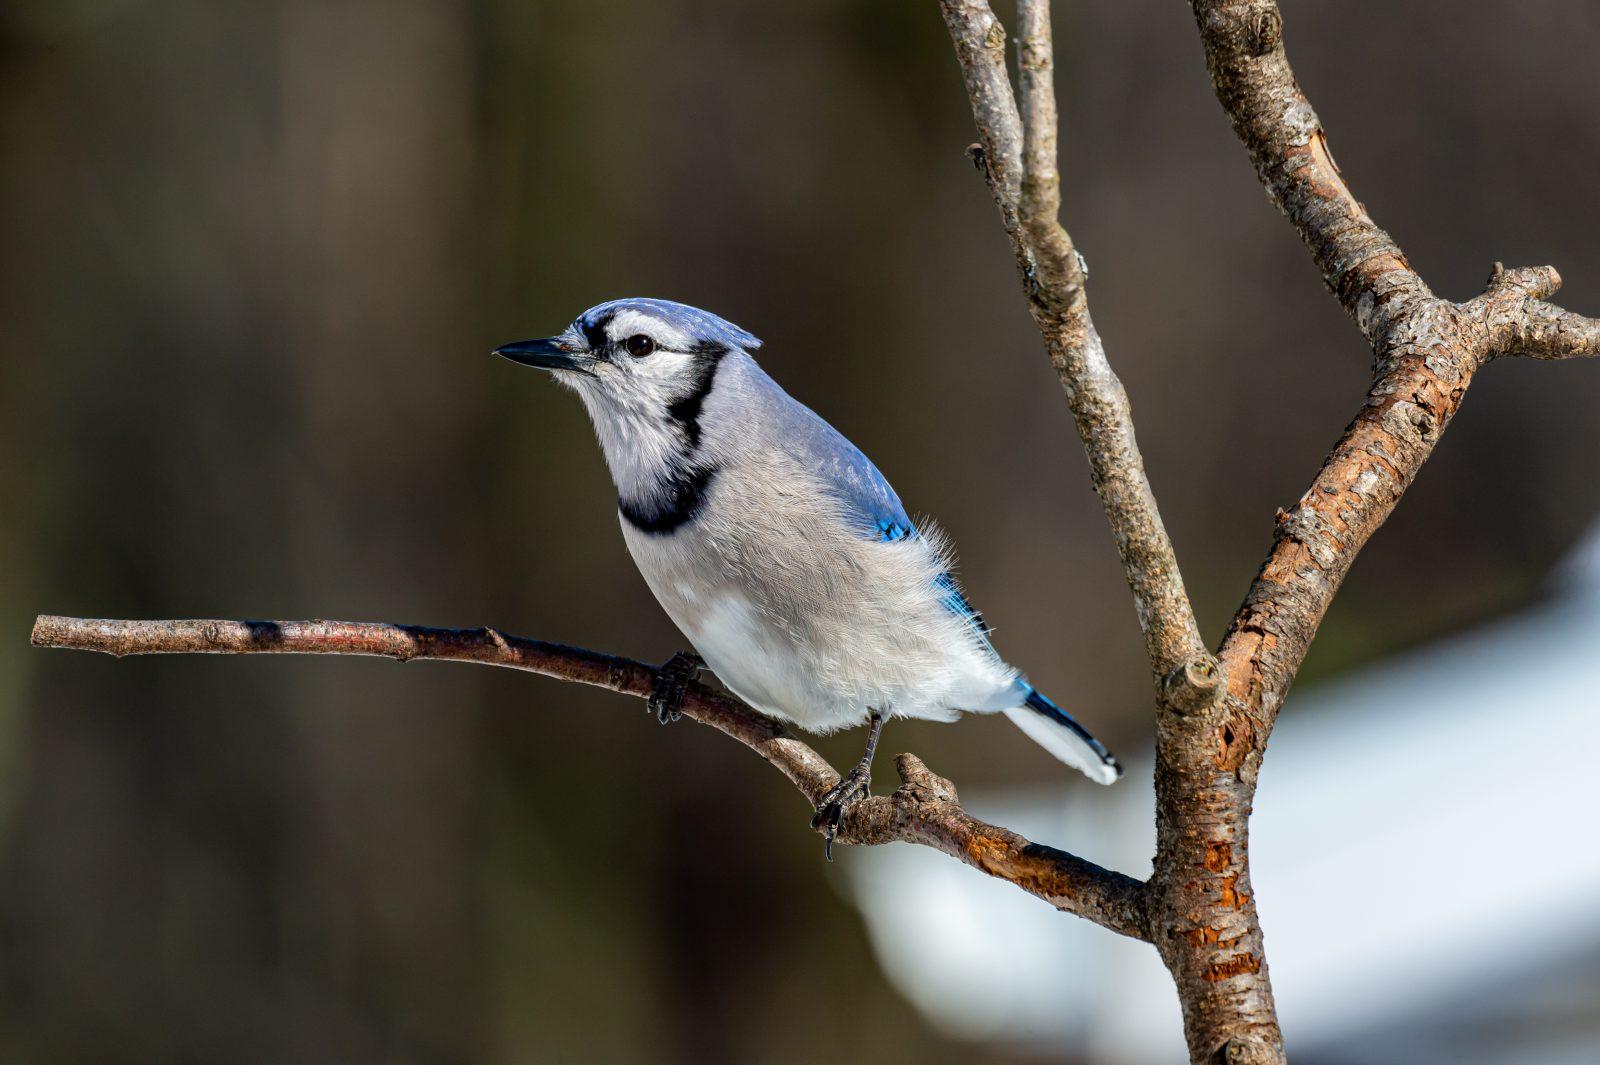 Le geai bleu, l'oiseau de tous les qualificatifs